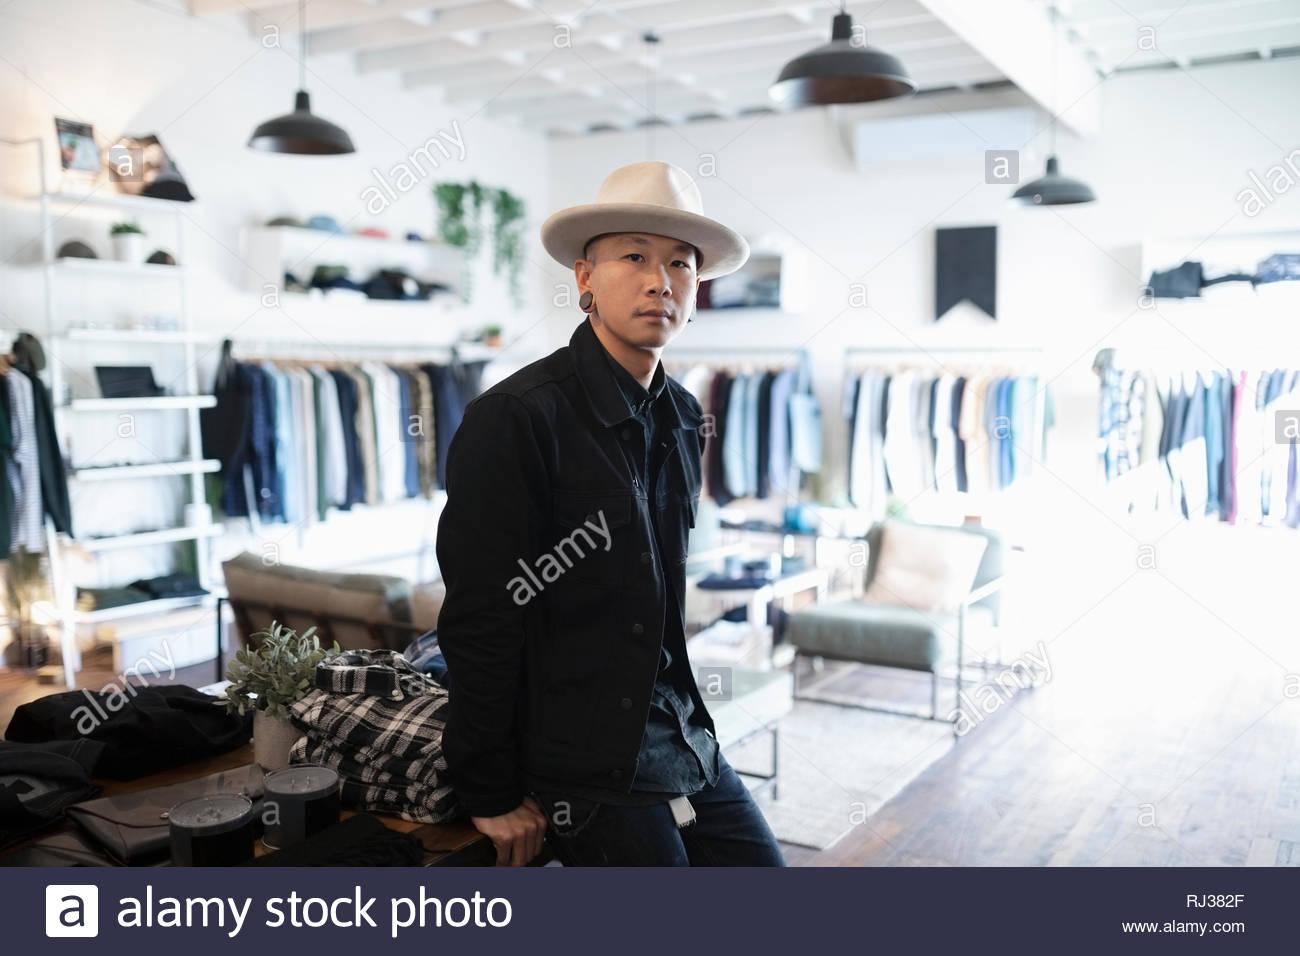 Portrait homme confiant les propriétaires d'entreprise dans le magasin de vêtements de mode masculine Photo Stock